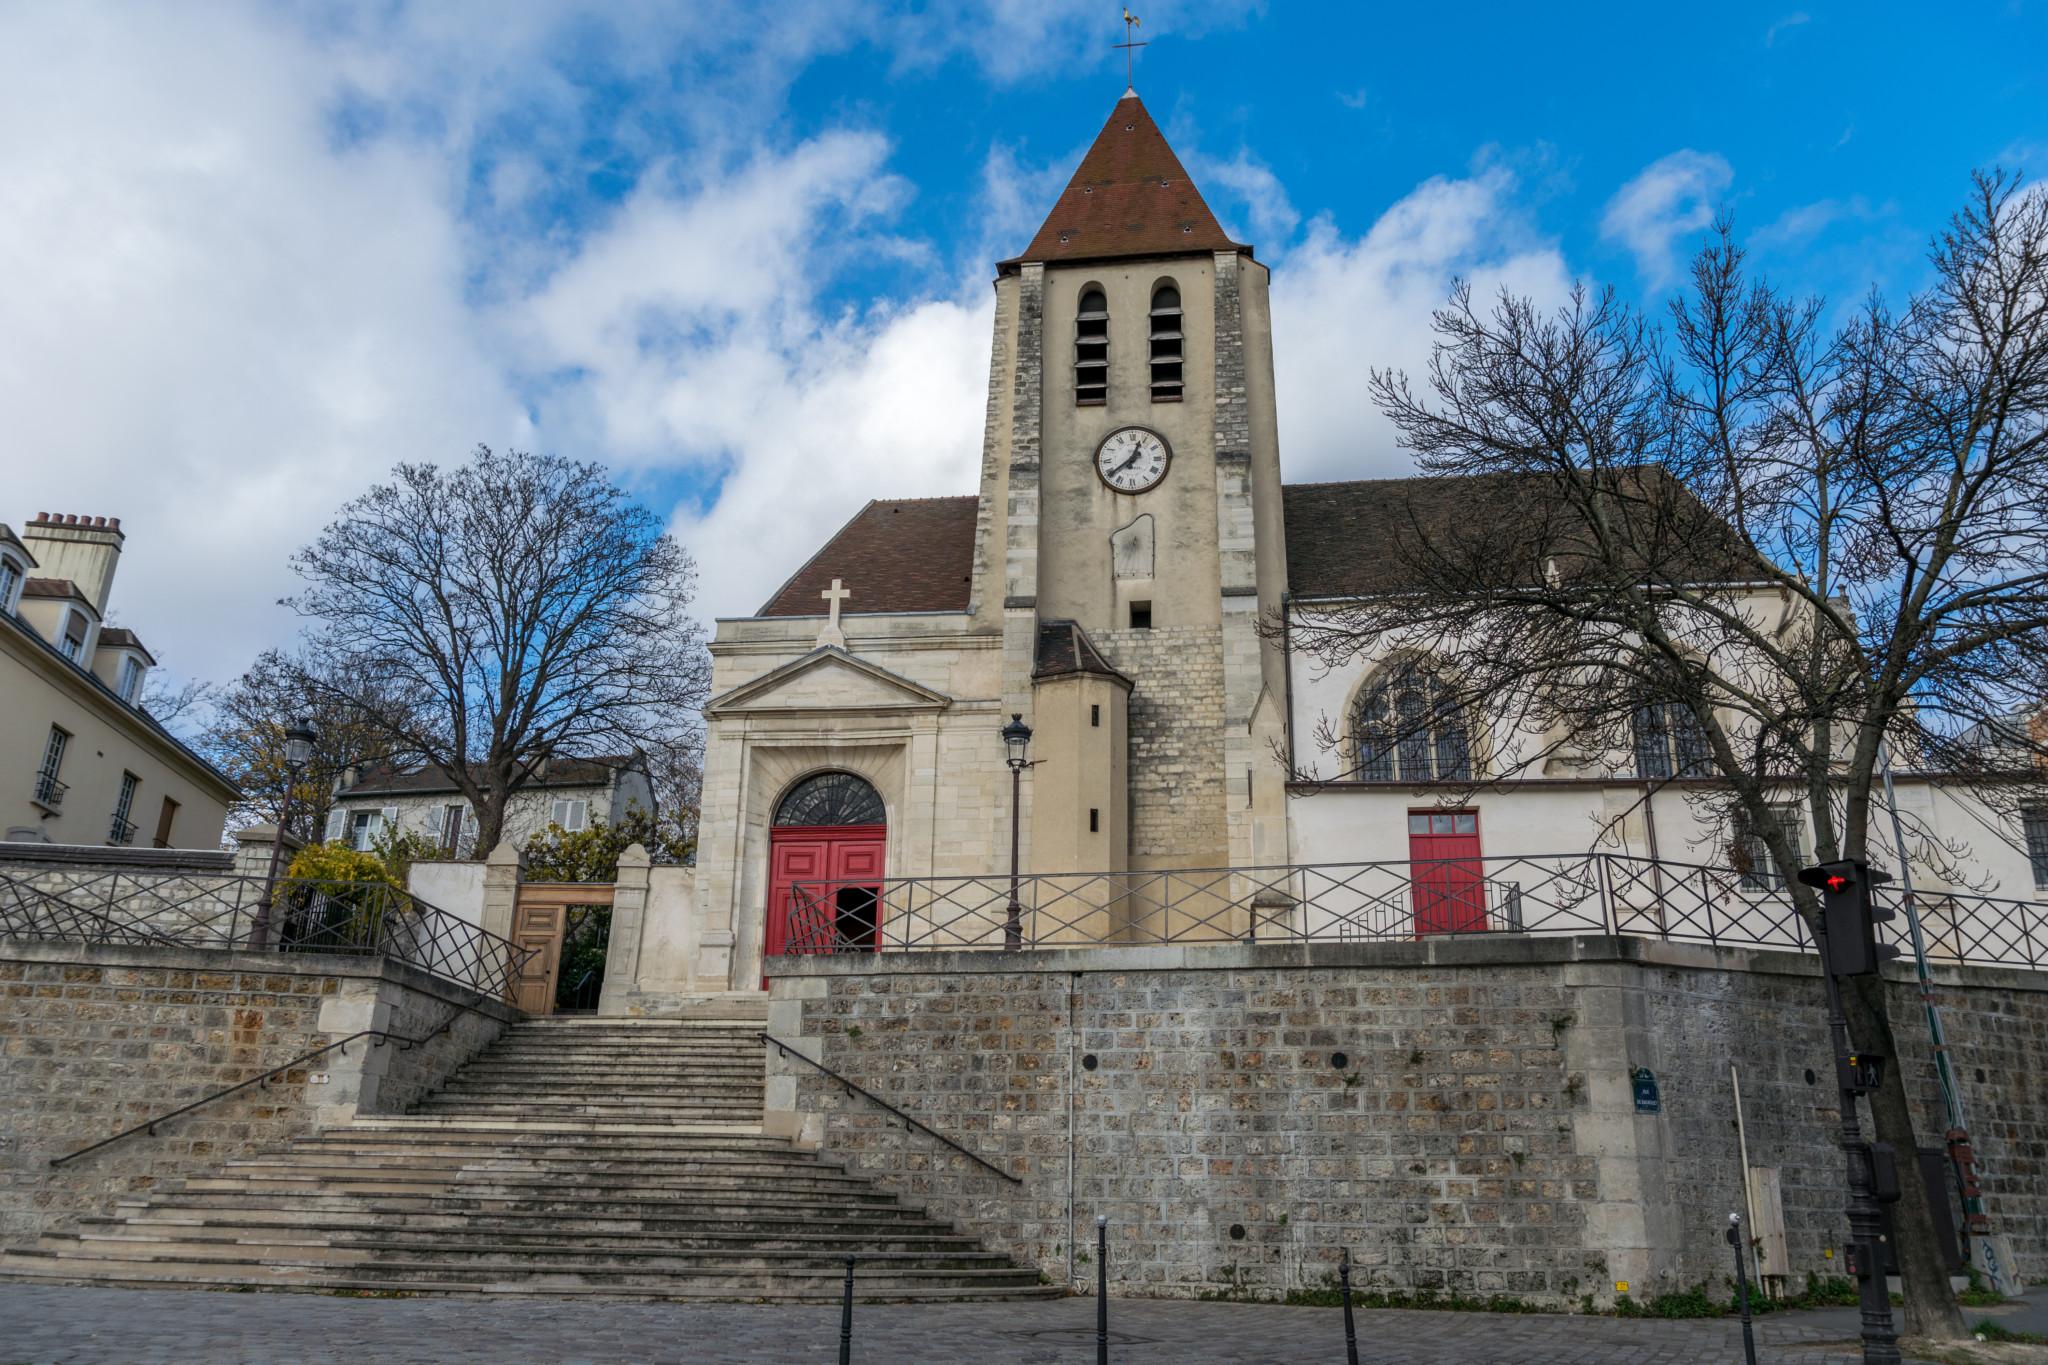 Charonne la campagne paris famille france trotteuse for Interlude salon de provence